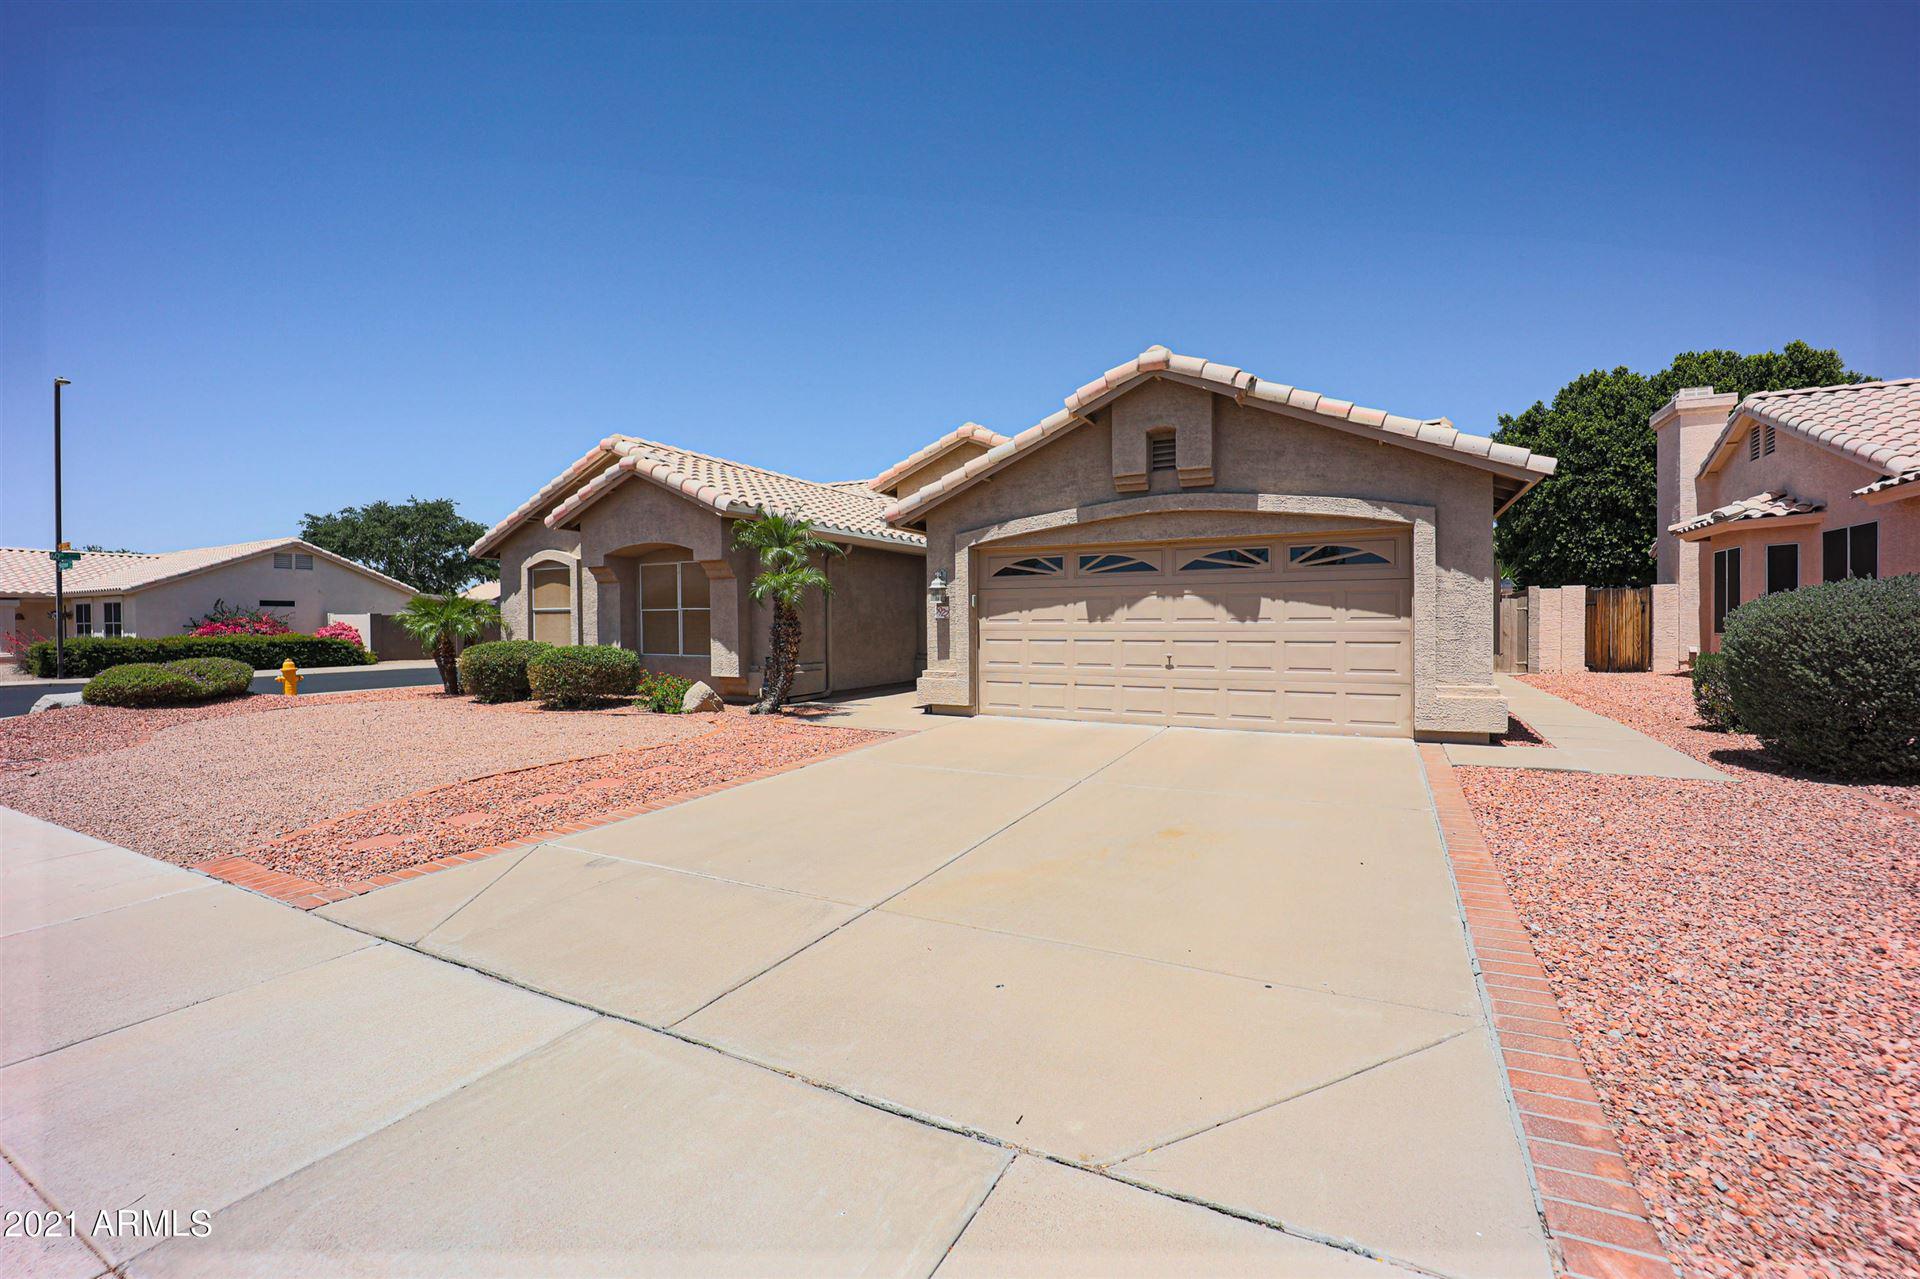 Photo of 5922 W BLACKHAWK Drive, Glendale, AZ 85308 (MLS # 6233513)